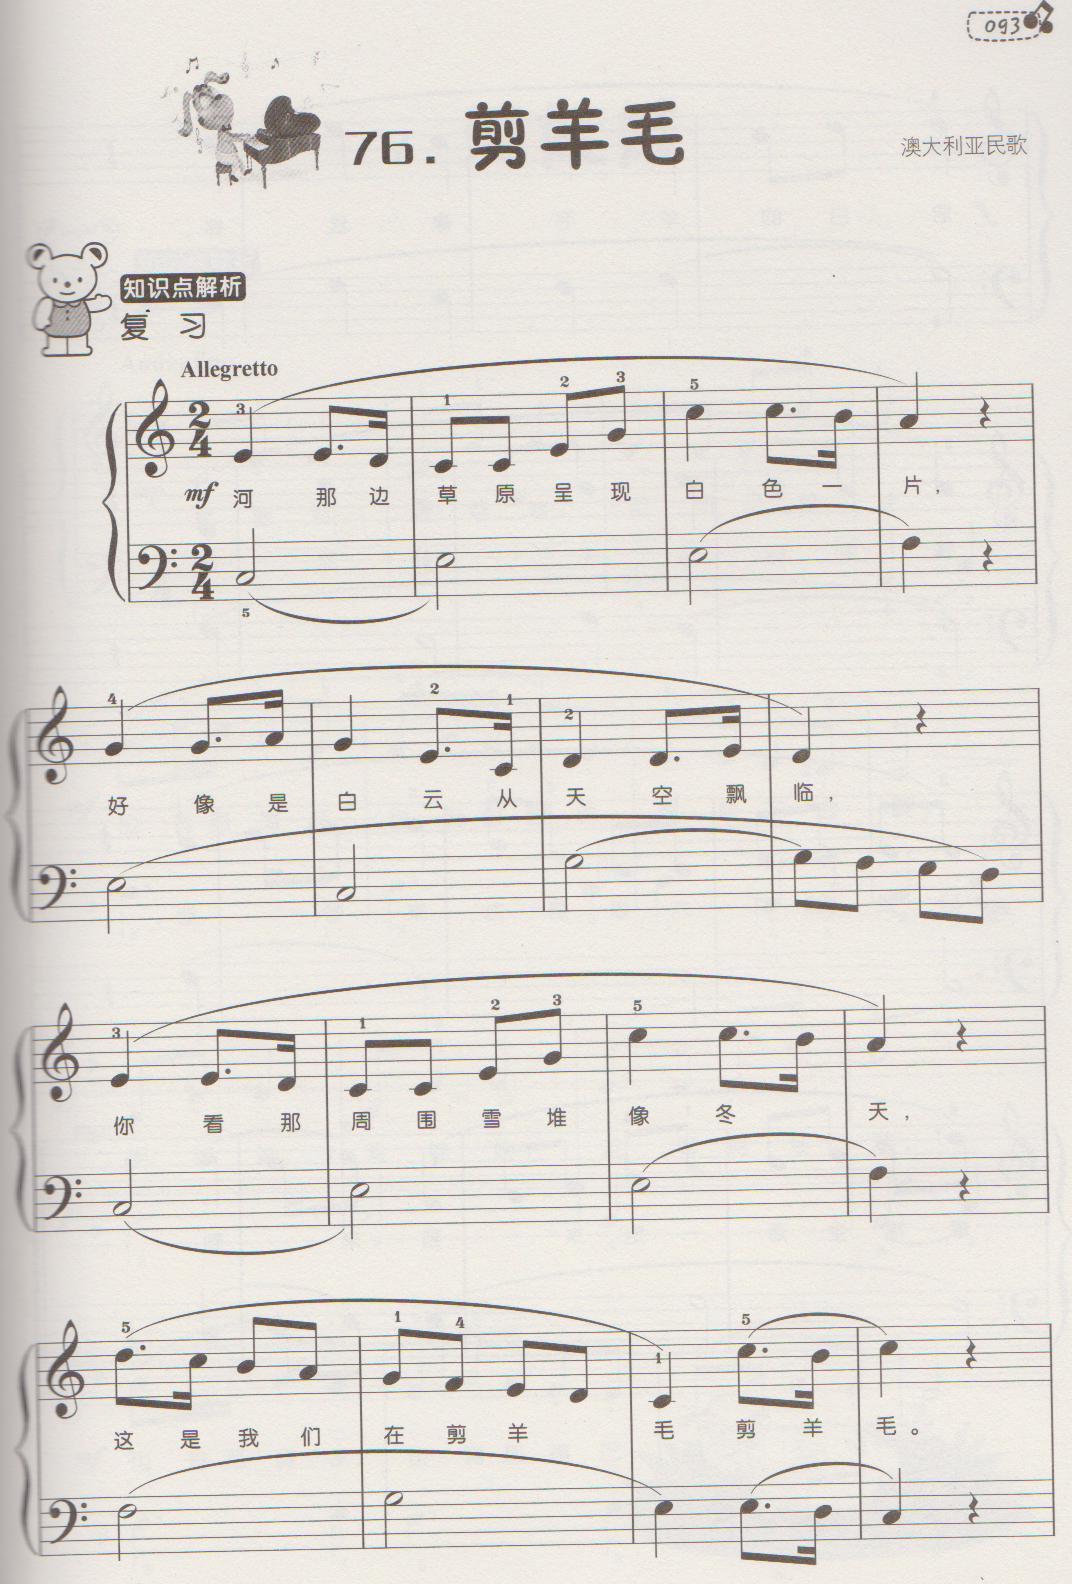 剪羊毛钢琴曲怎么配左手的音这是右手的求大神帮忙图片